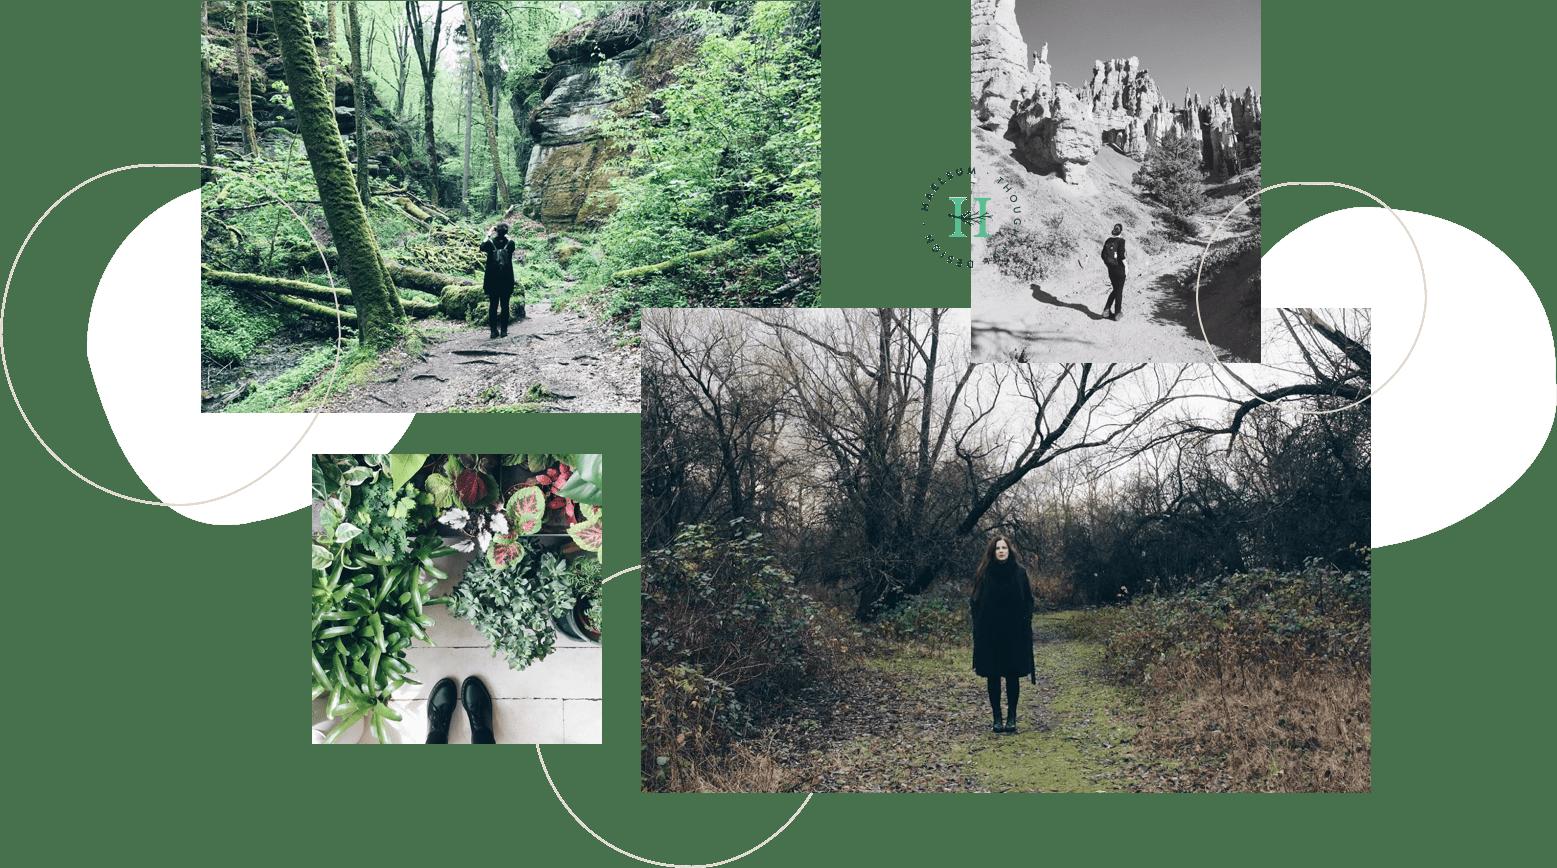 Haelsum collage